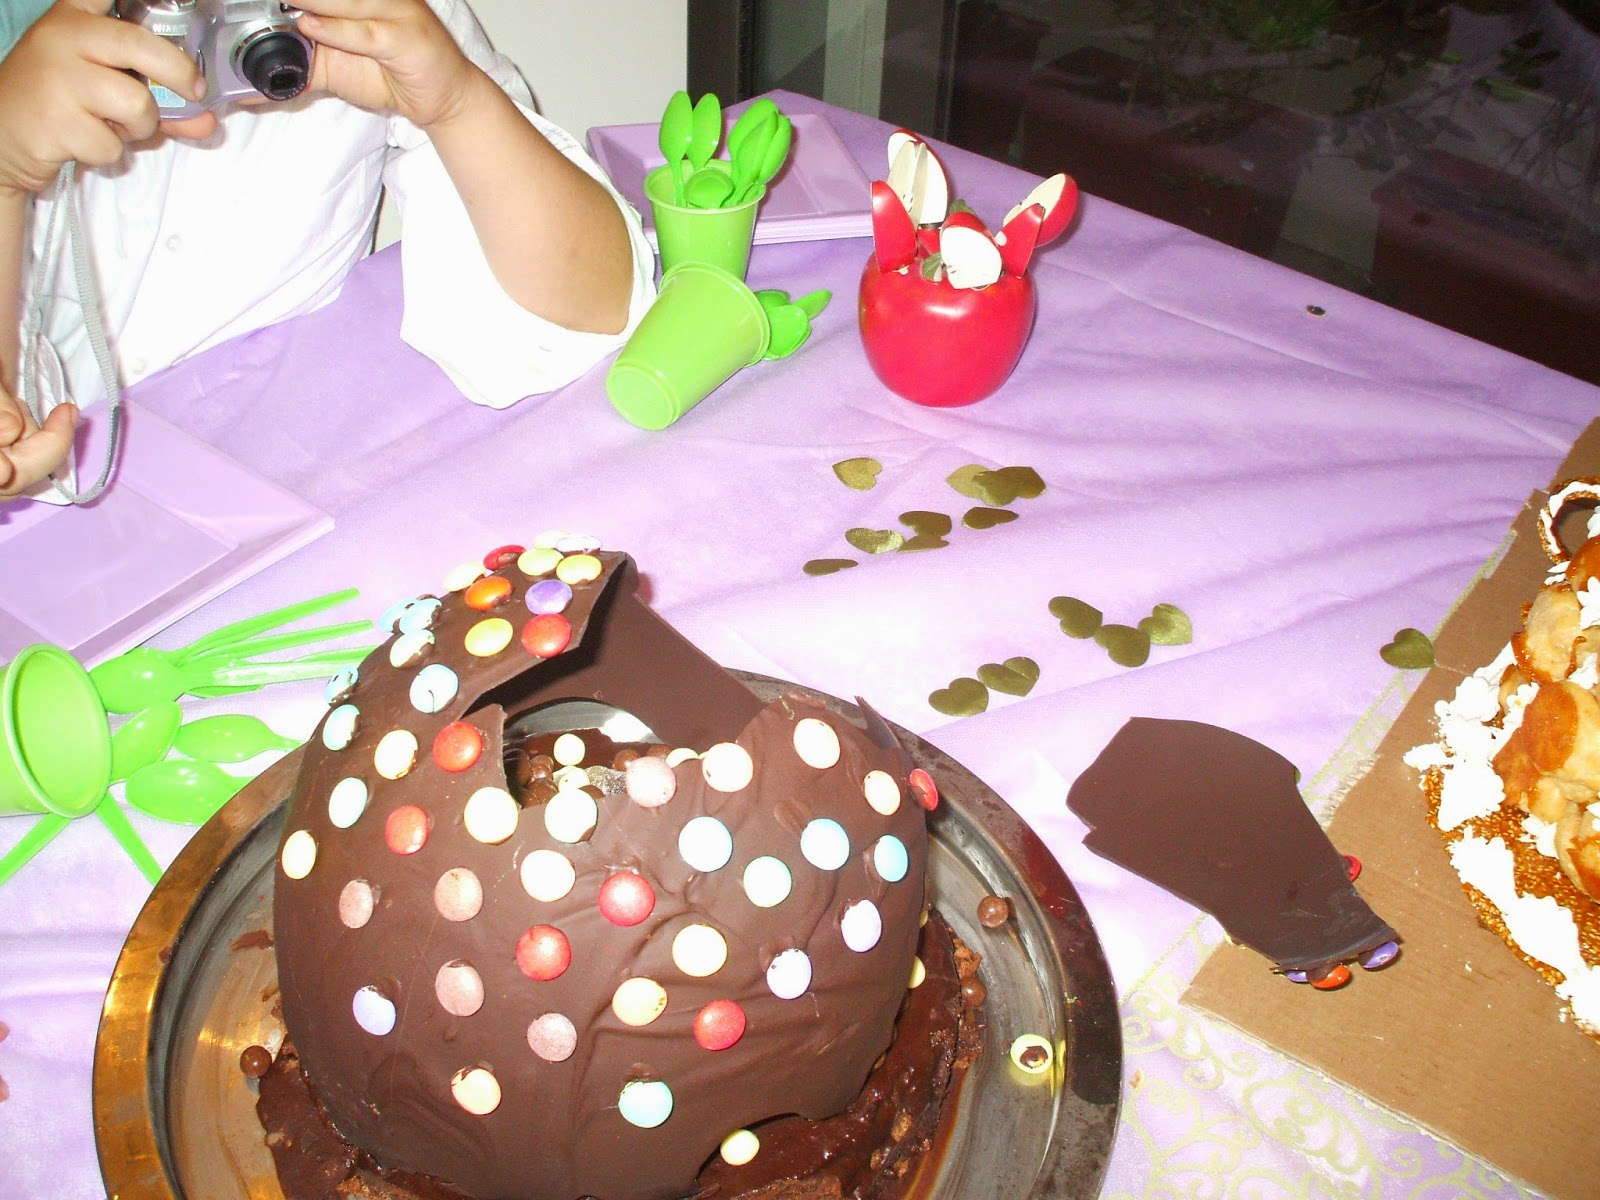 DSCF1228 - עוגה עם הפתעה בפנים